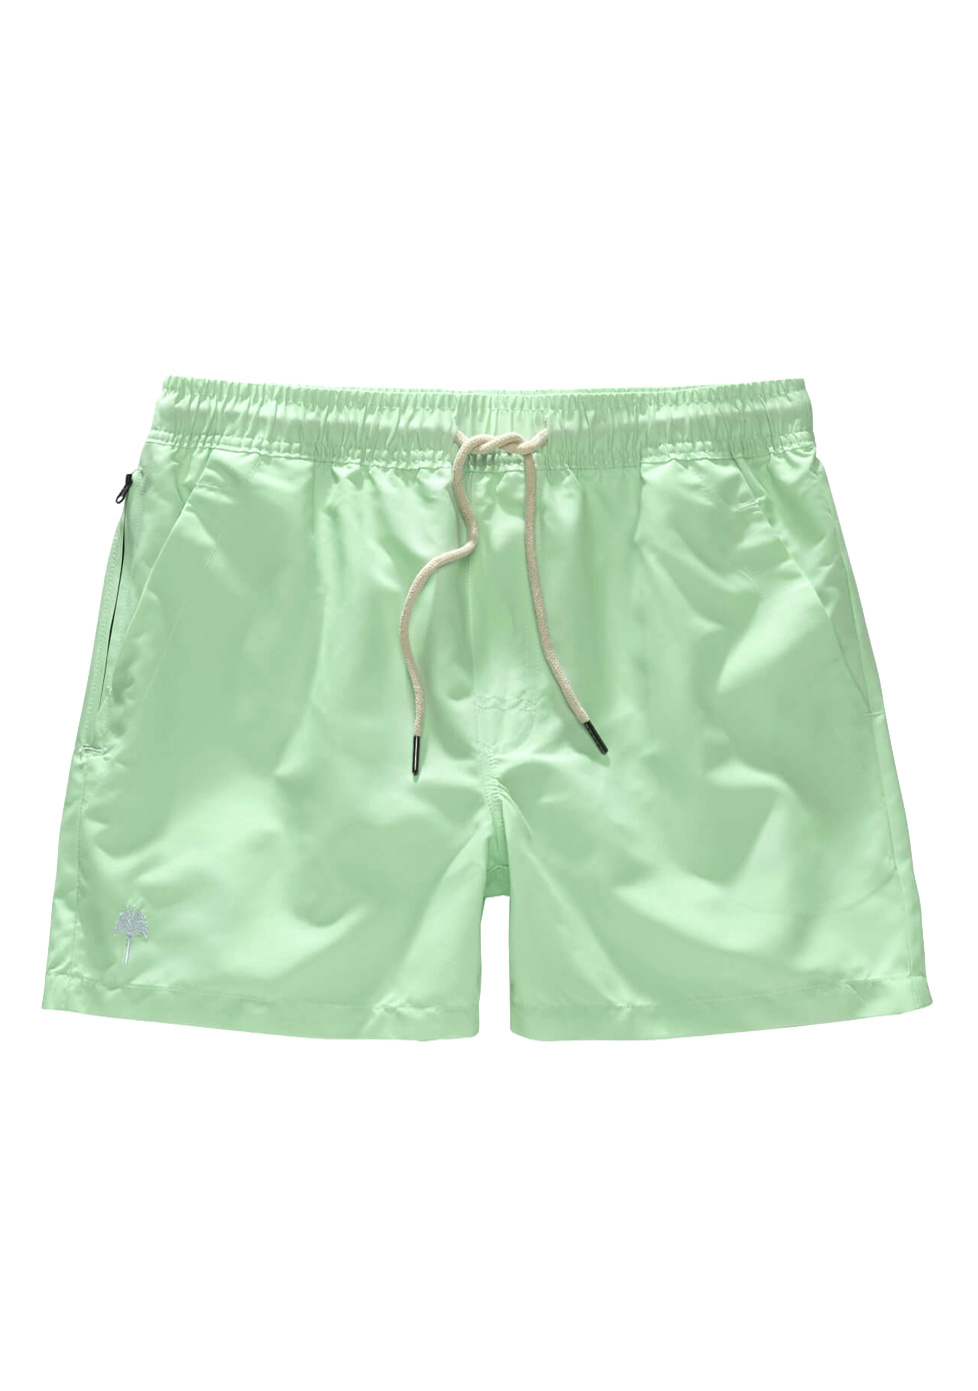 b5f1f81055 OAS Swim Short Solid Mint - Les Deux Frères